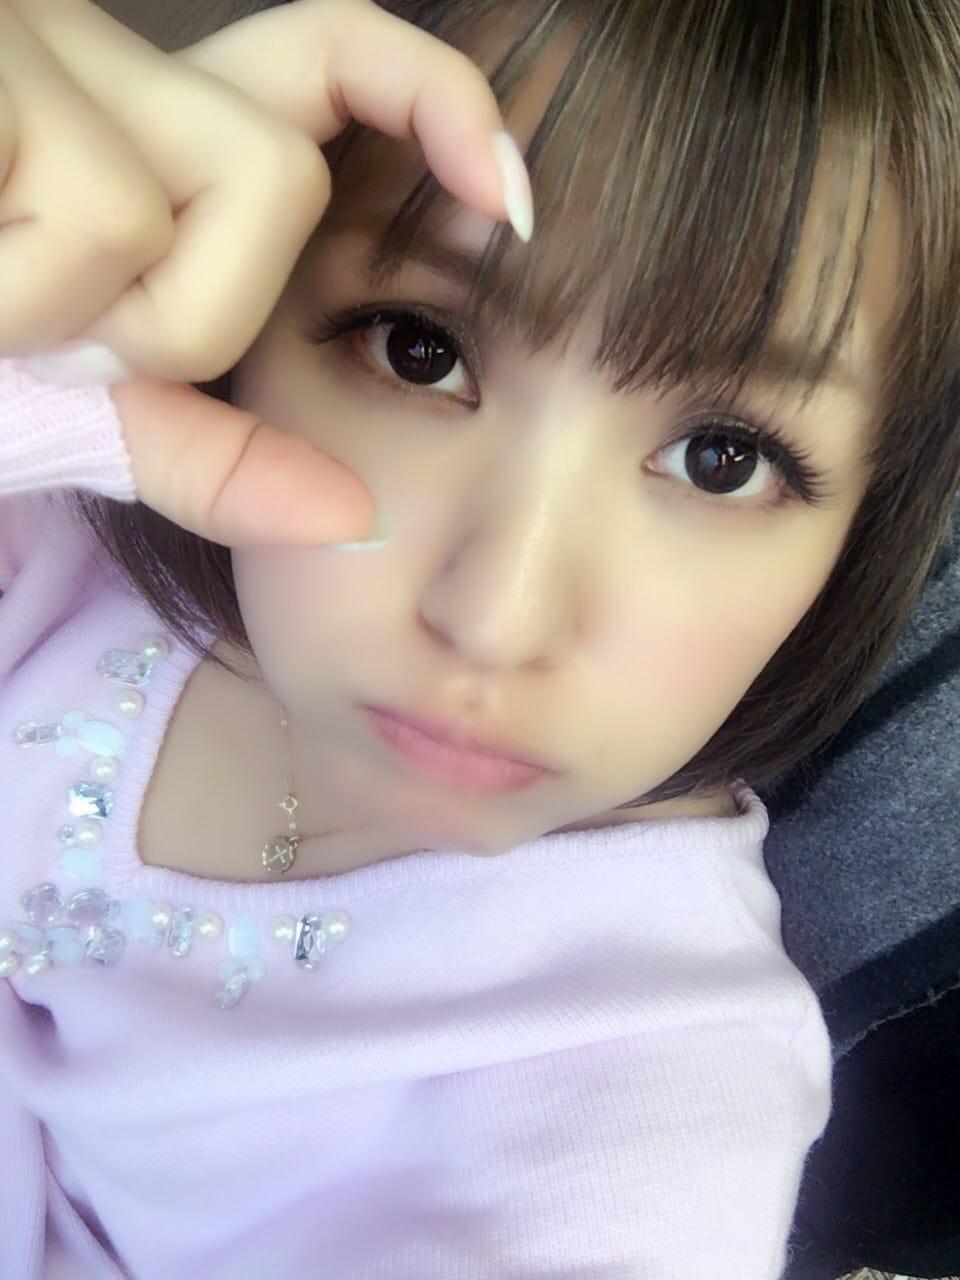 山村 茜「買ってきたー」01/11(木) 16:00 | 山村 茜の写メ・風俗動画